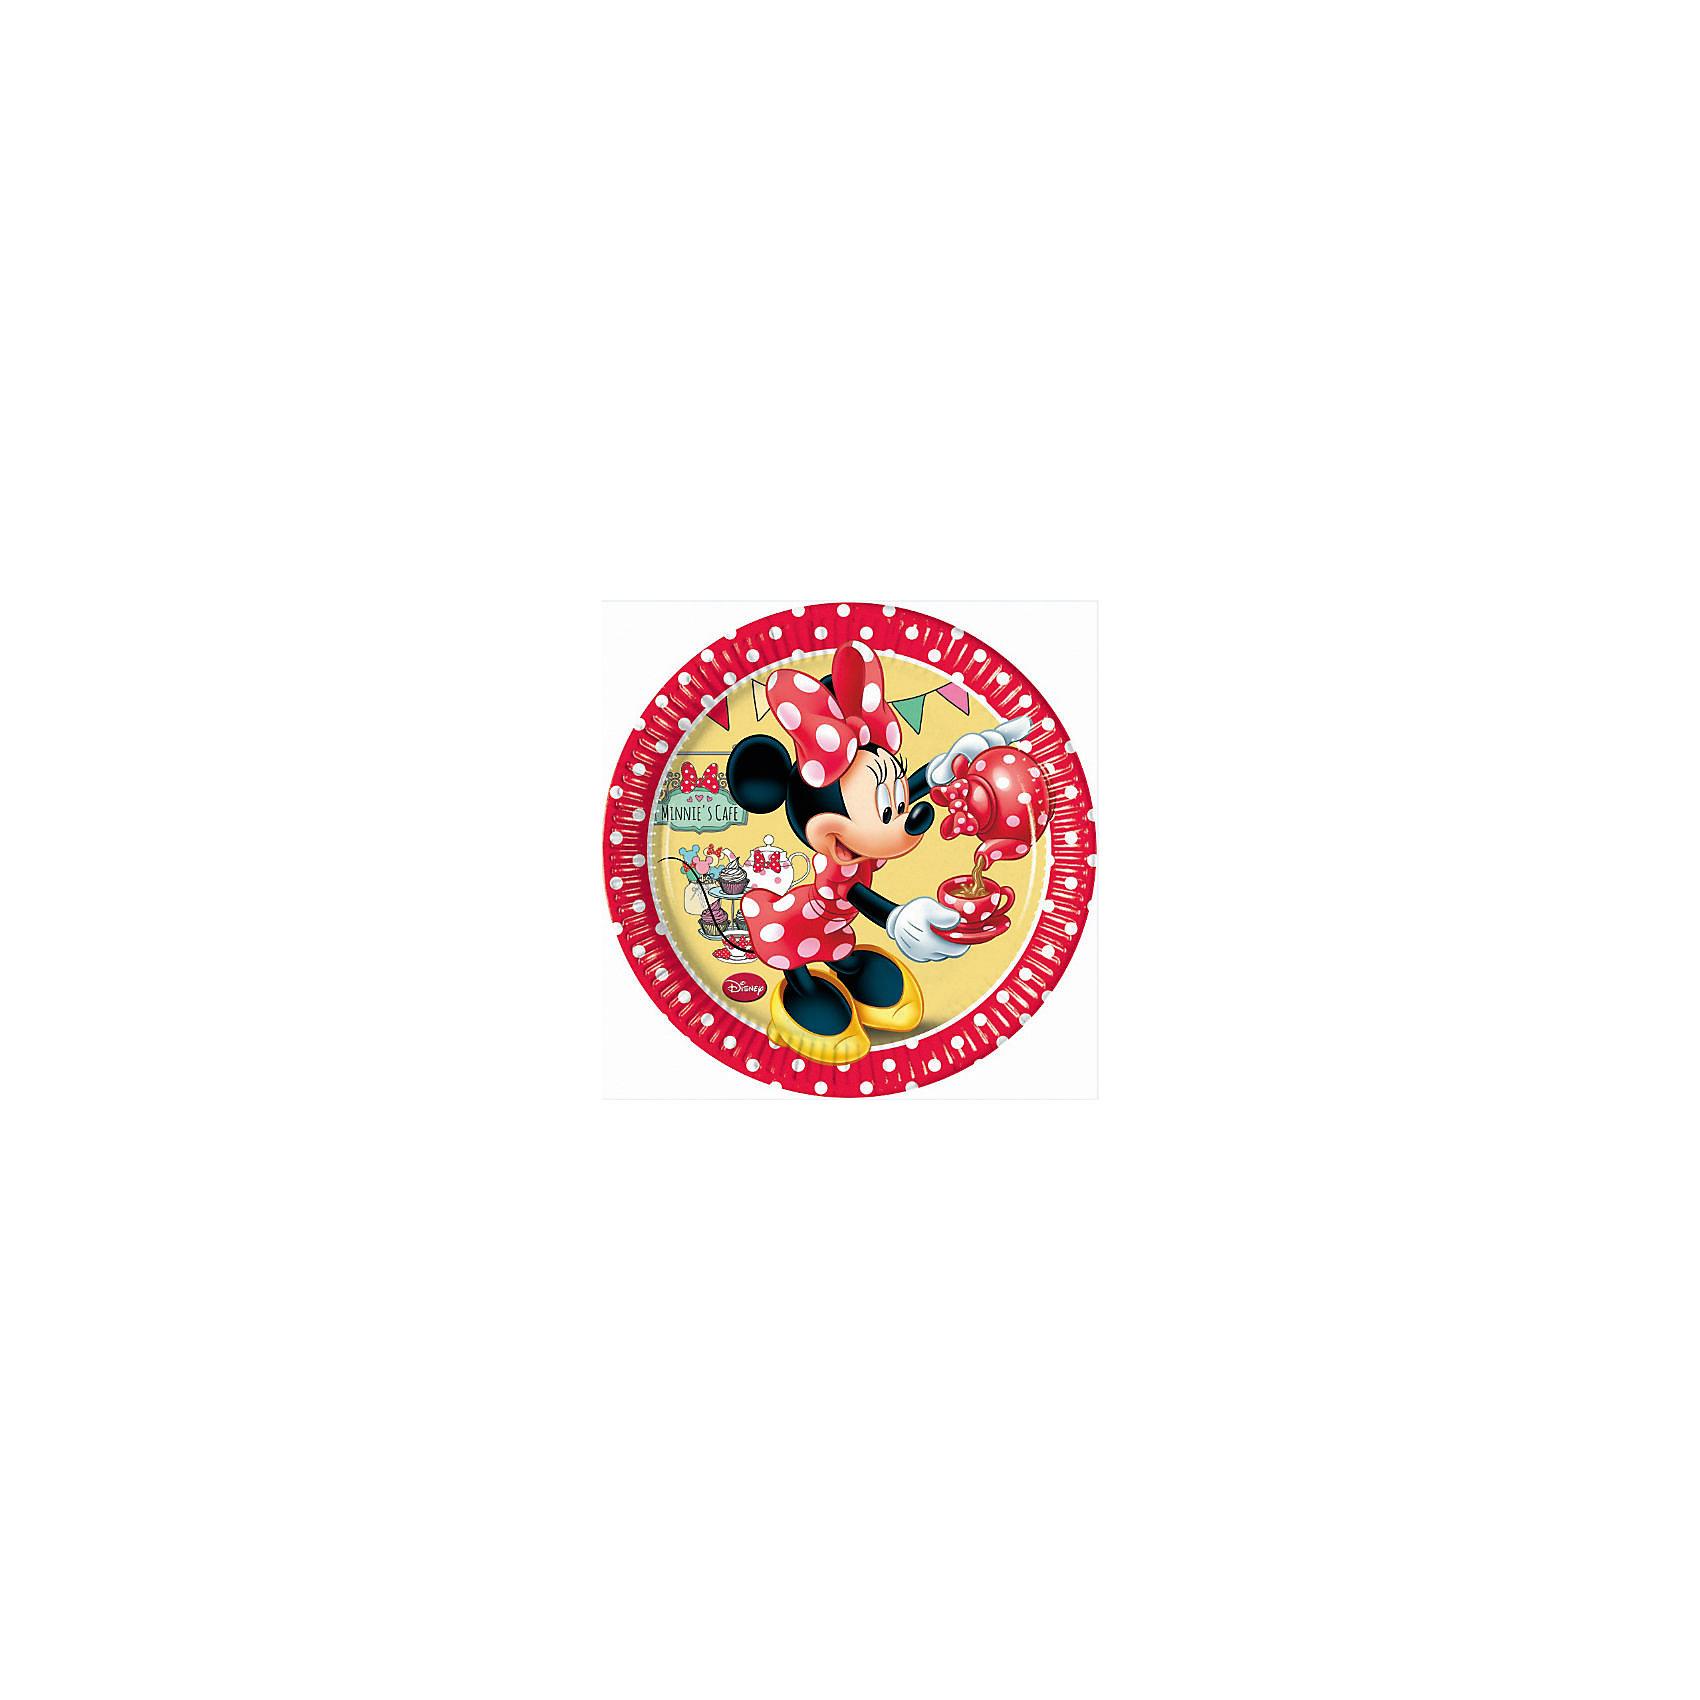 Тарелки Кафе Минни 20см 8штВсё для праздника<br>Характеристики товара:<br><br>• возраст: от 3 лет;<br>• упаковка: пакет;<br>• размер упаковки: 19х19х2 см.;<br>• количество тарелок: 8 шт.;<br>• размер тарелки: 20 см.;<br>• цвет: красный;<br>• материал: картон;<br>• бренд, страна: Procos, Россия;<br>• страна-производитель: Греция<br><br>Тарелки  «Кафе Минни» с изображением очаровательной Минни Маус помогут не только оригинально и необычно украсить праздничный стол и создать незабываемую атмосферу праздника, но и обезопасят вас и ваших детей от разбитой посуды. <br><br>Тарелки сделаны из качественных материалов, не токсичны, противоаллергенны и безопасны для здоровья.<br><br>Тарелки  «Кафе Минни» , 20 см., 8 шт., Procos (Прокос)  можно купить в нашем интернет-магазине.<br><br>Ширина мм: 20<br>Глубина мм: 195<br>Высота мм: 195<br>Вес г: 10<br>Возраст от месяцев: 36<br>Возраст до месяцев: 120<br>Пол: Женский<br>Возраст: Детский<br>SKU: 6914347